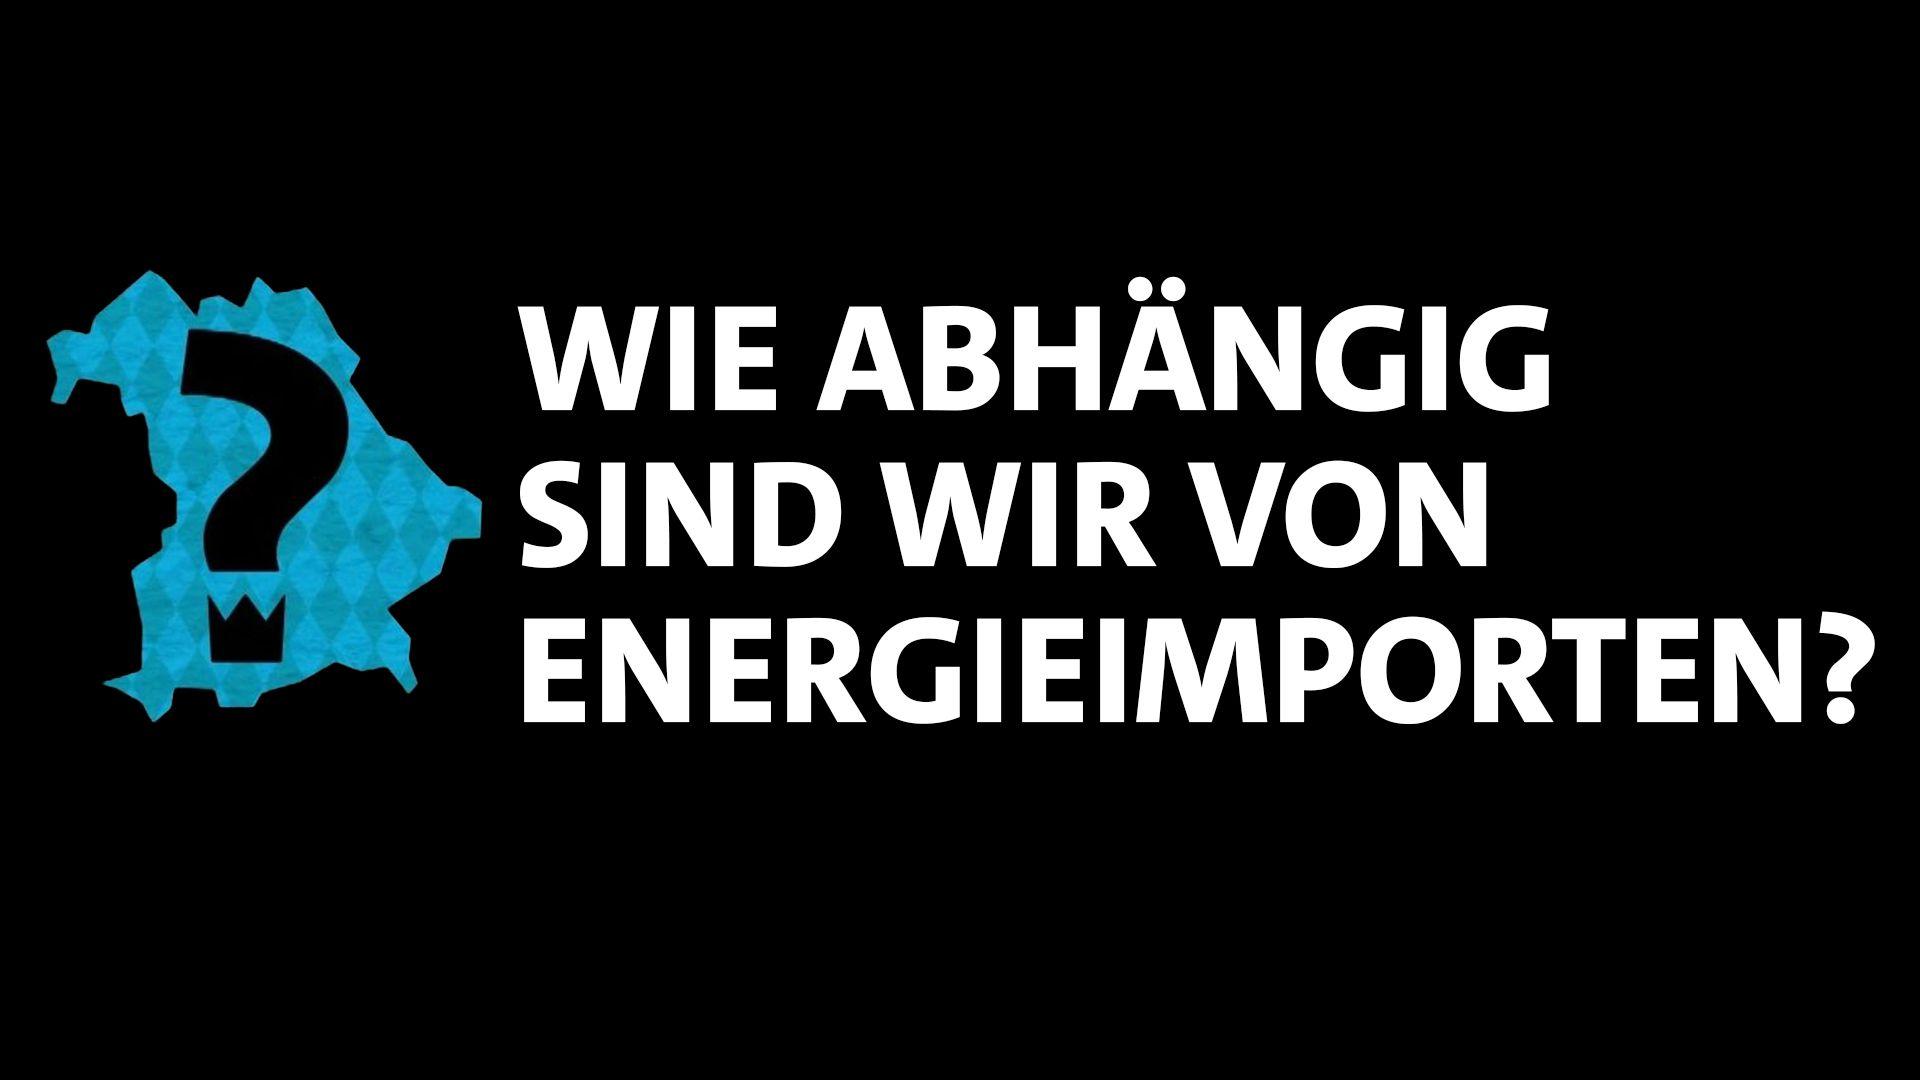 Wie abhängig sind wir von Energieimporten?